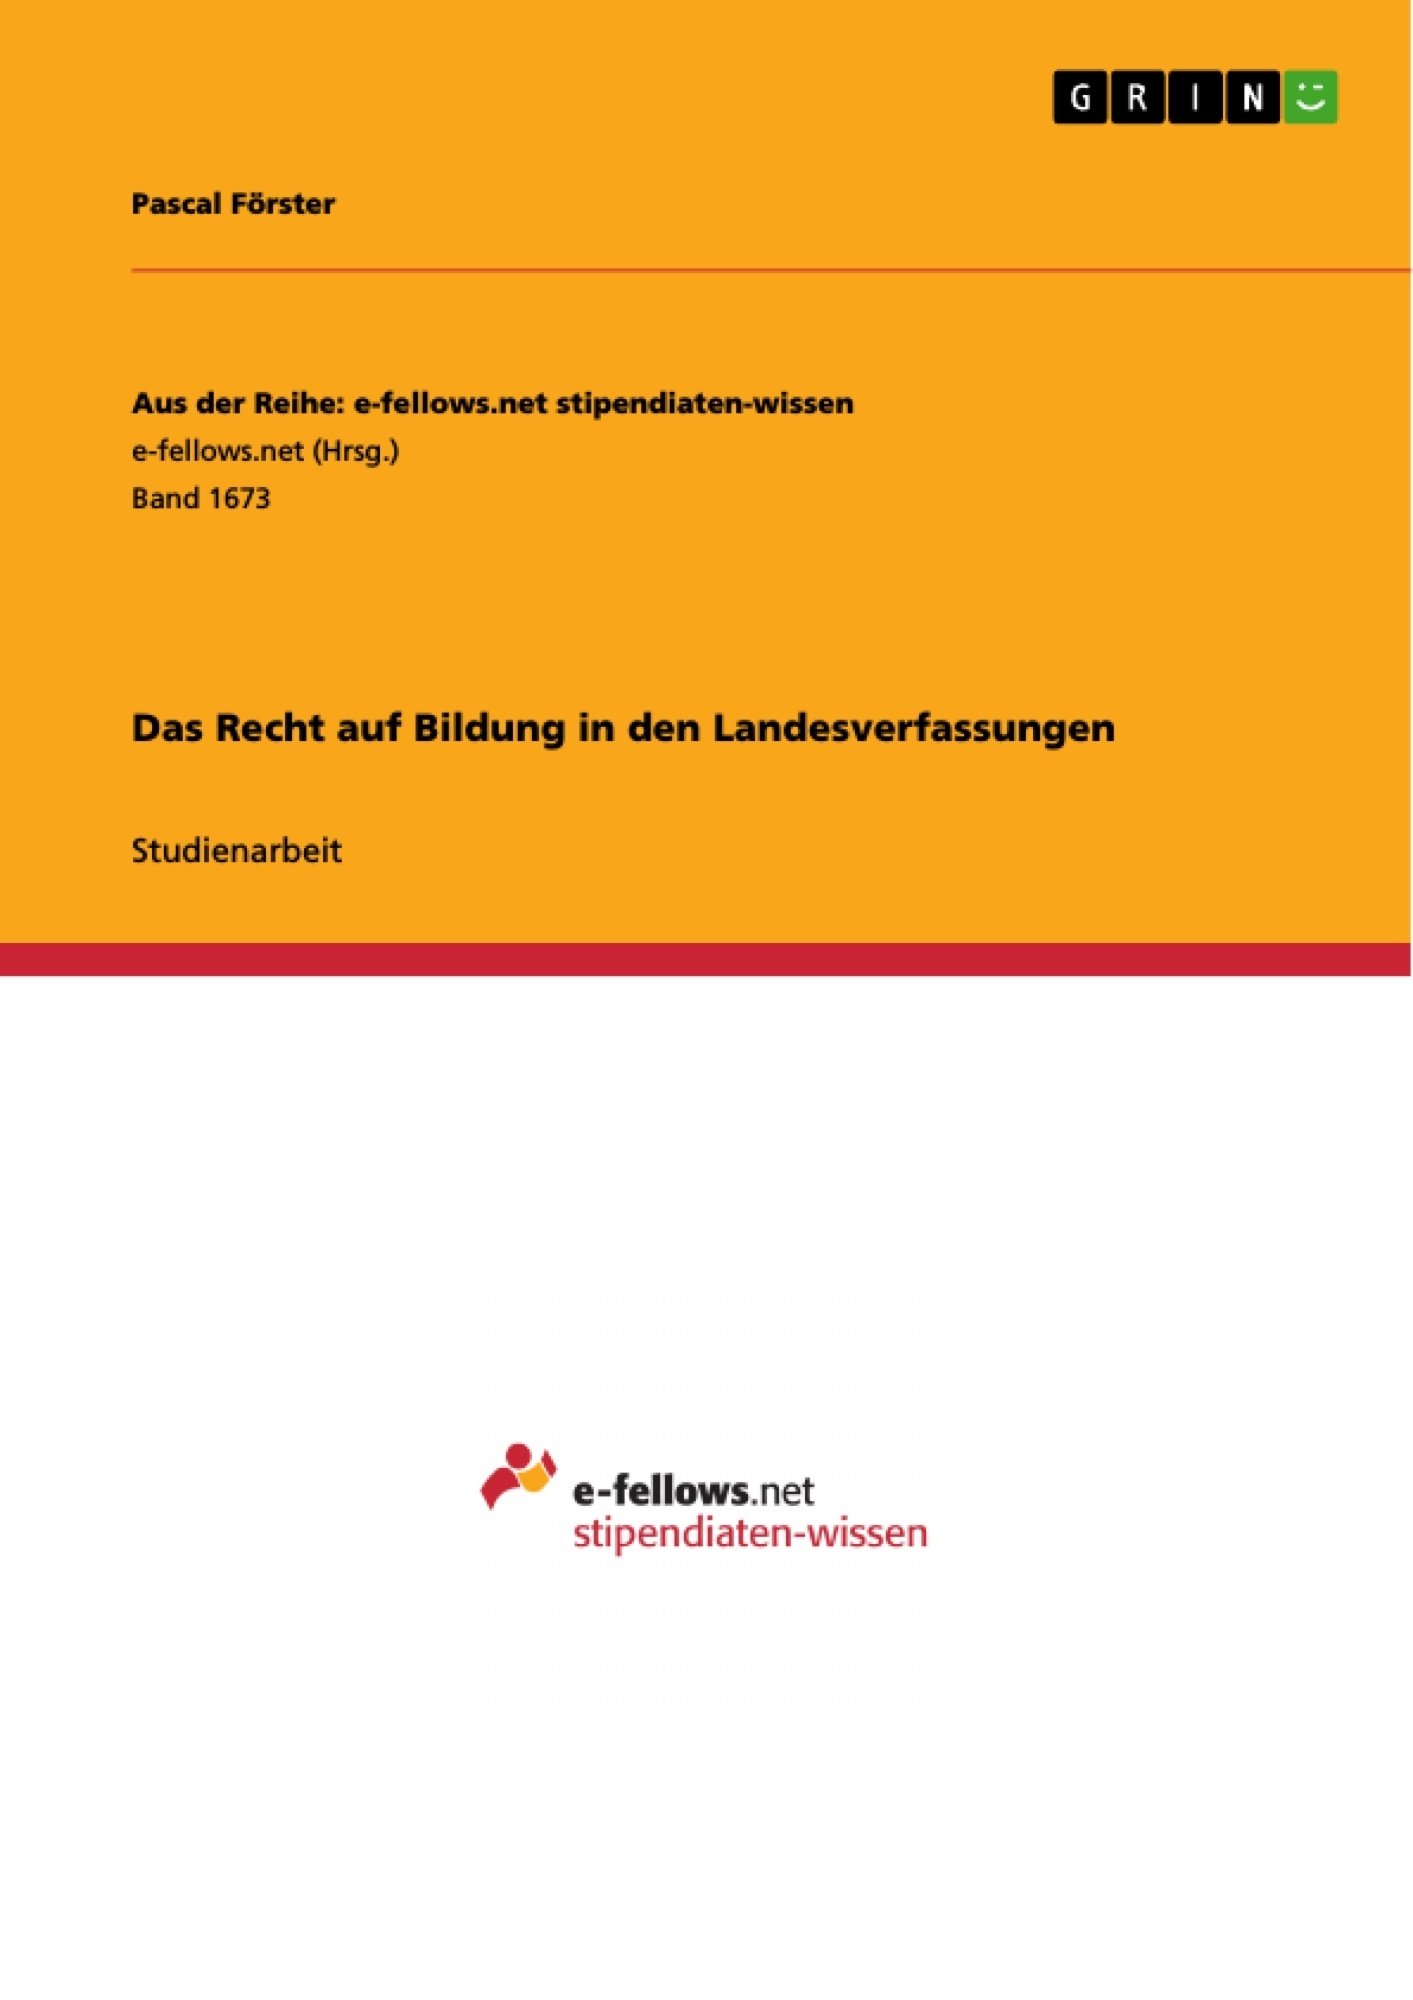 Titel: Das Recht auf Bildung in den Landesverfassungen